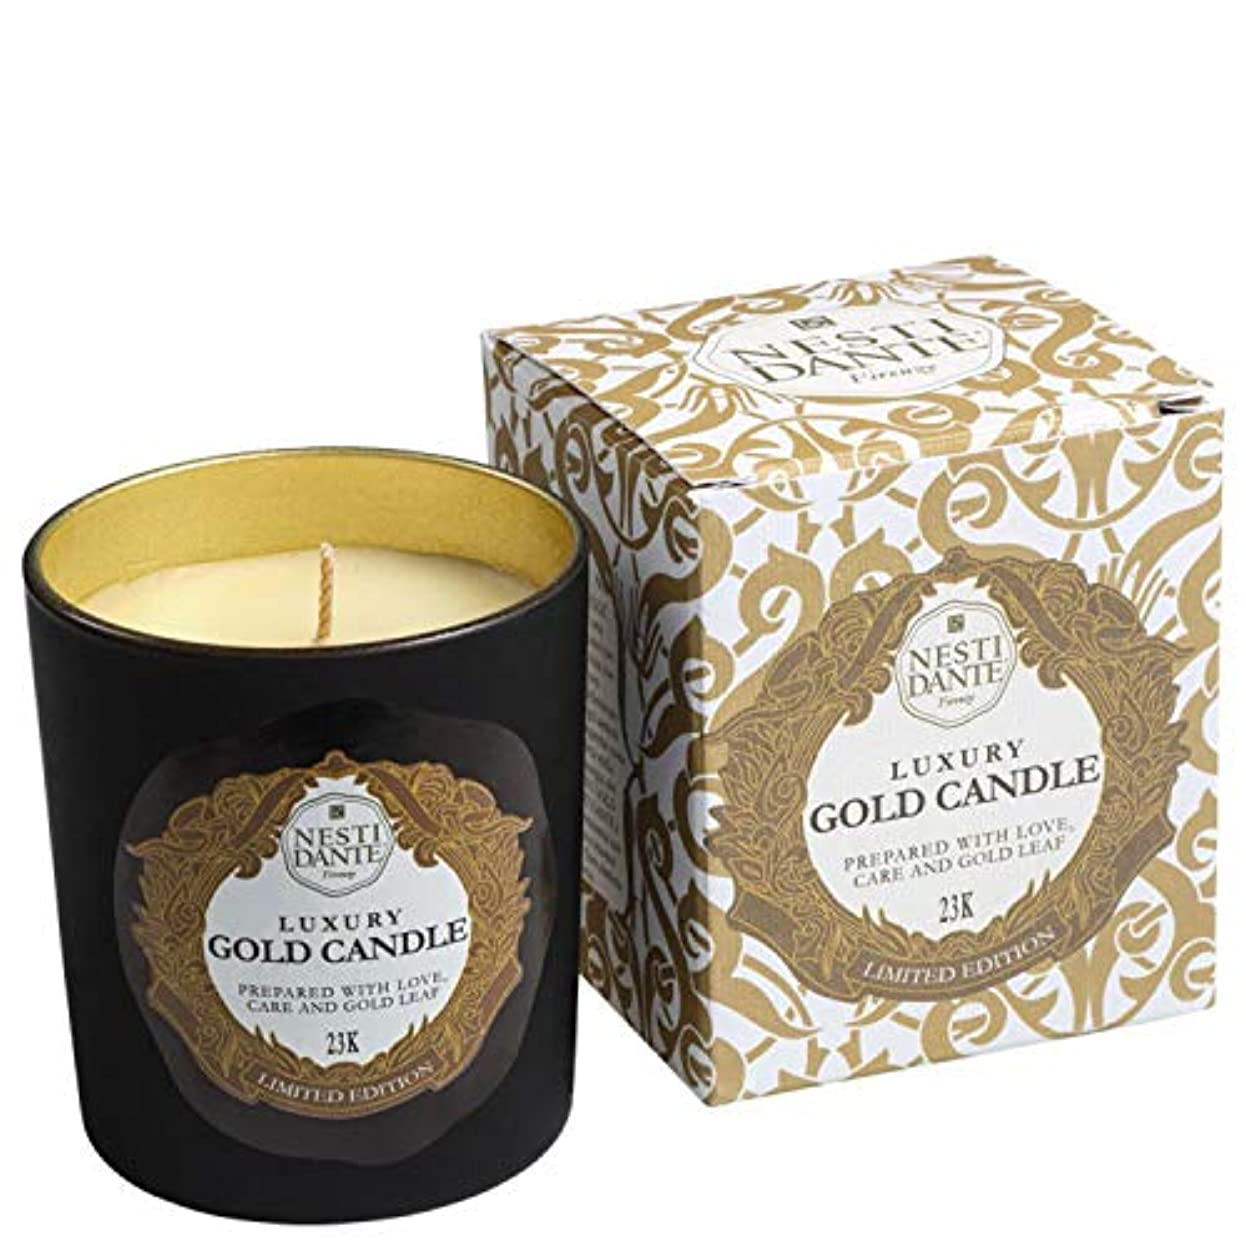 危機並外れた夫ネスティダンテ Luxury Gold Candle 23K (Limited Edition) 160g/5.64oz並行輸入品